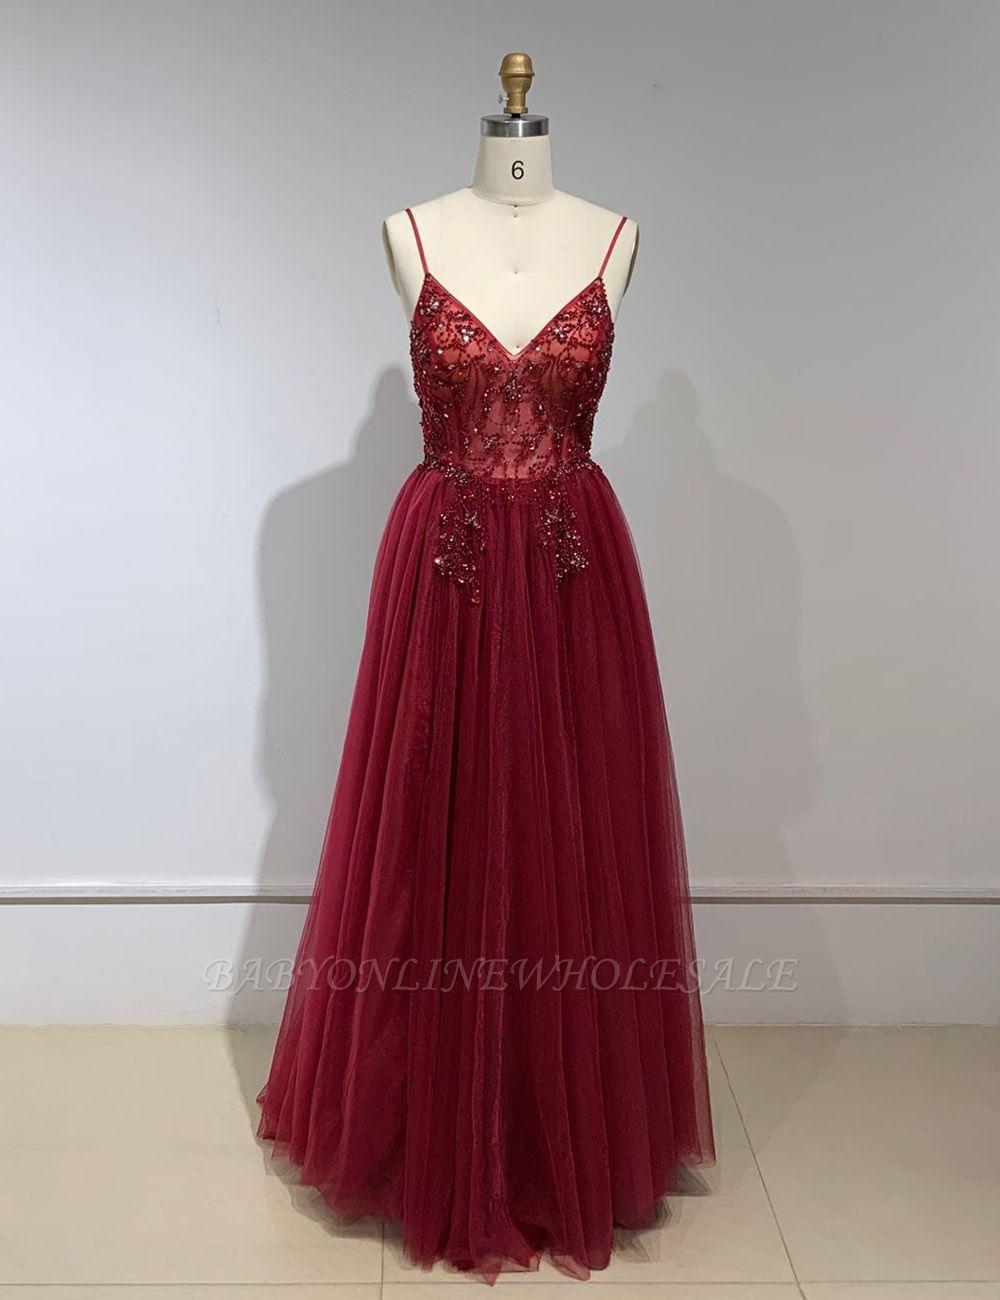 Robes de bal en cristal chérie bretelles robe de soirée en tulle spaghetti côté fendu